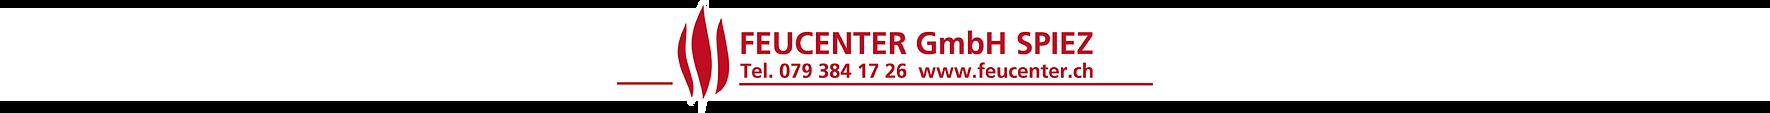 feucenter_logo_2.png